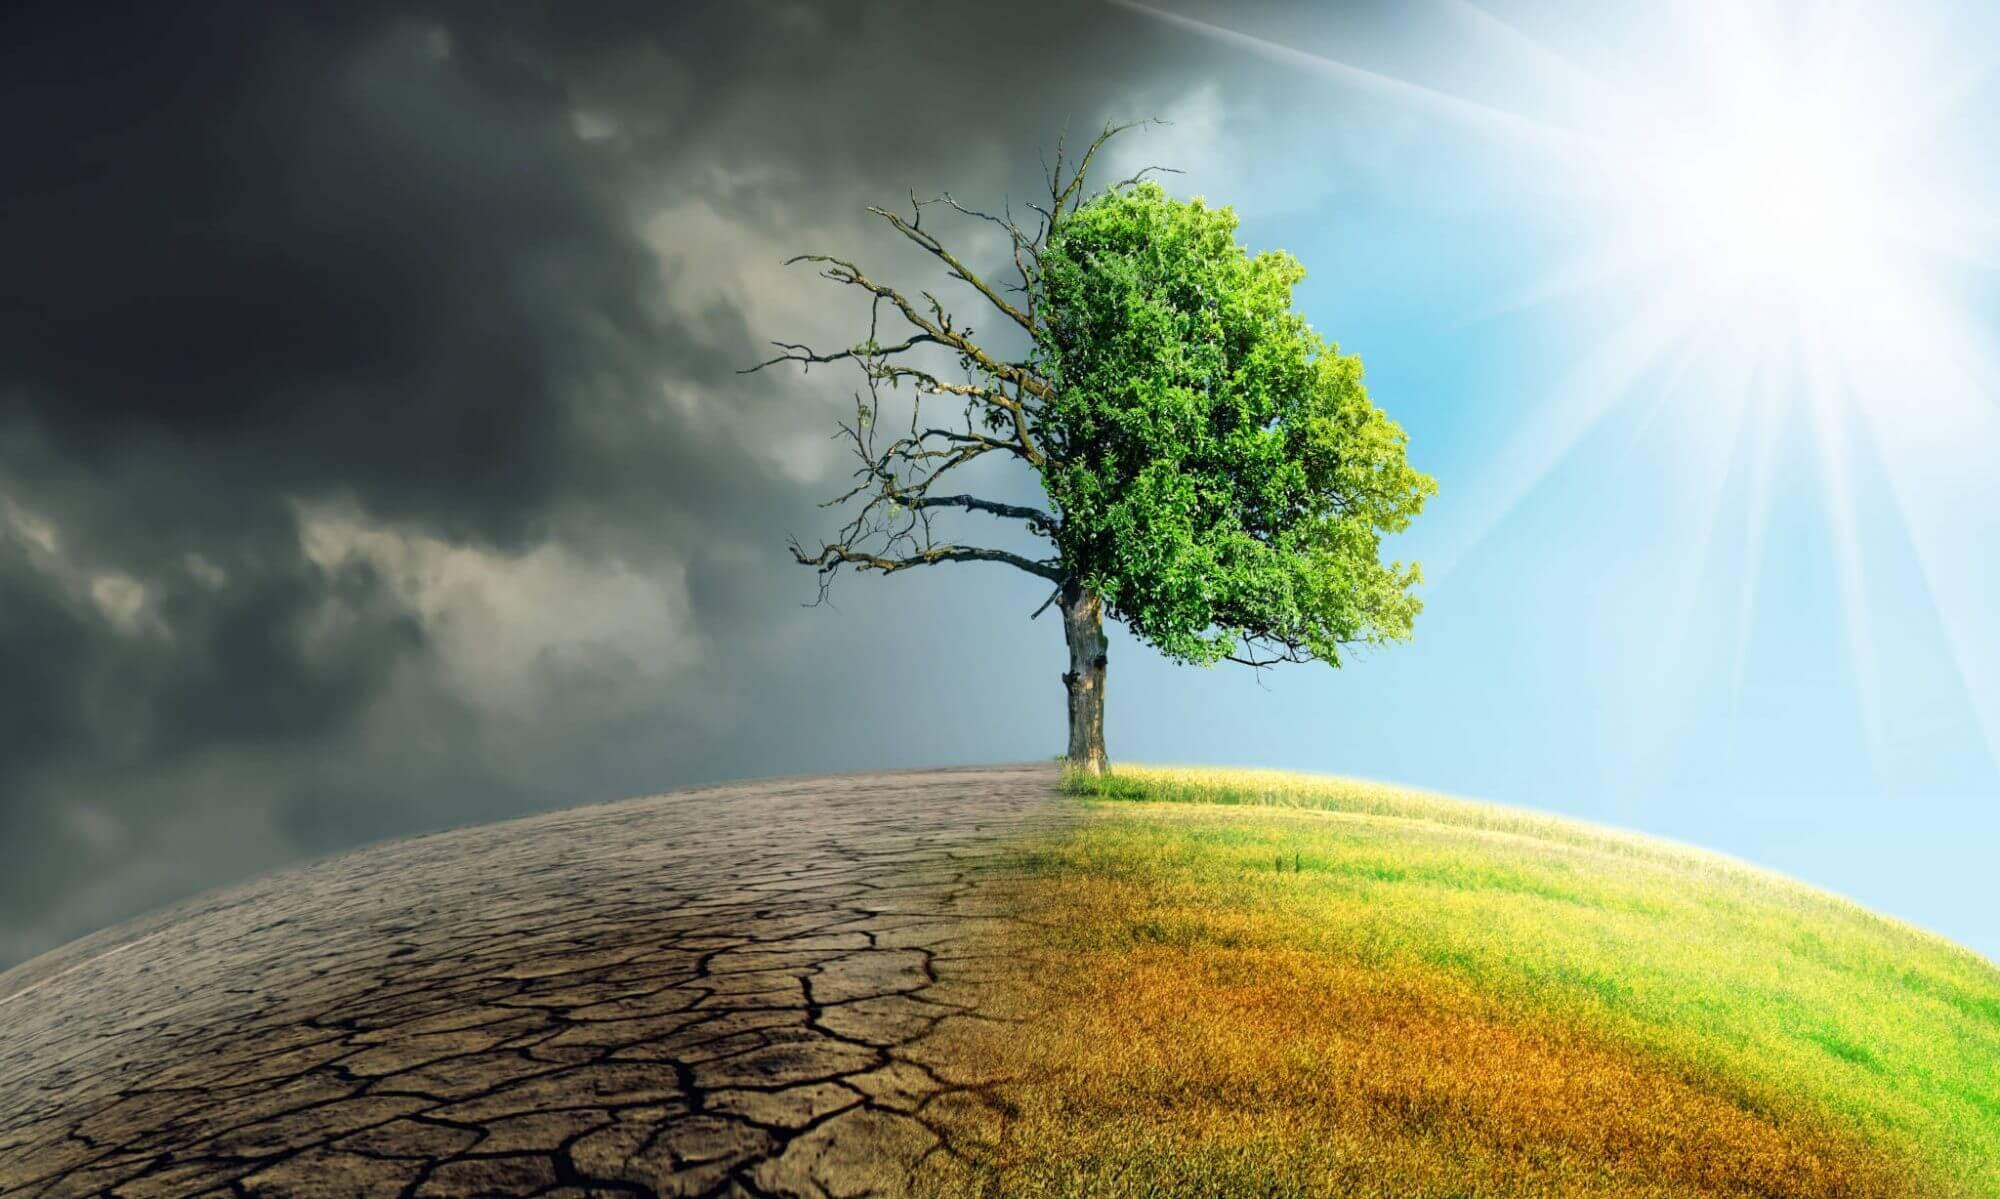 Как изменение климата влияет на аллергию, иммунный ответ и аутизм